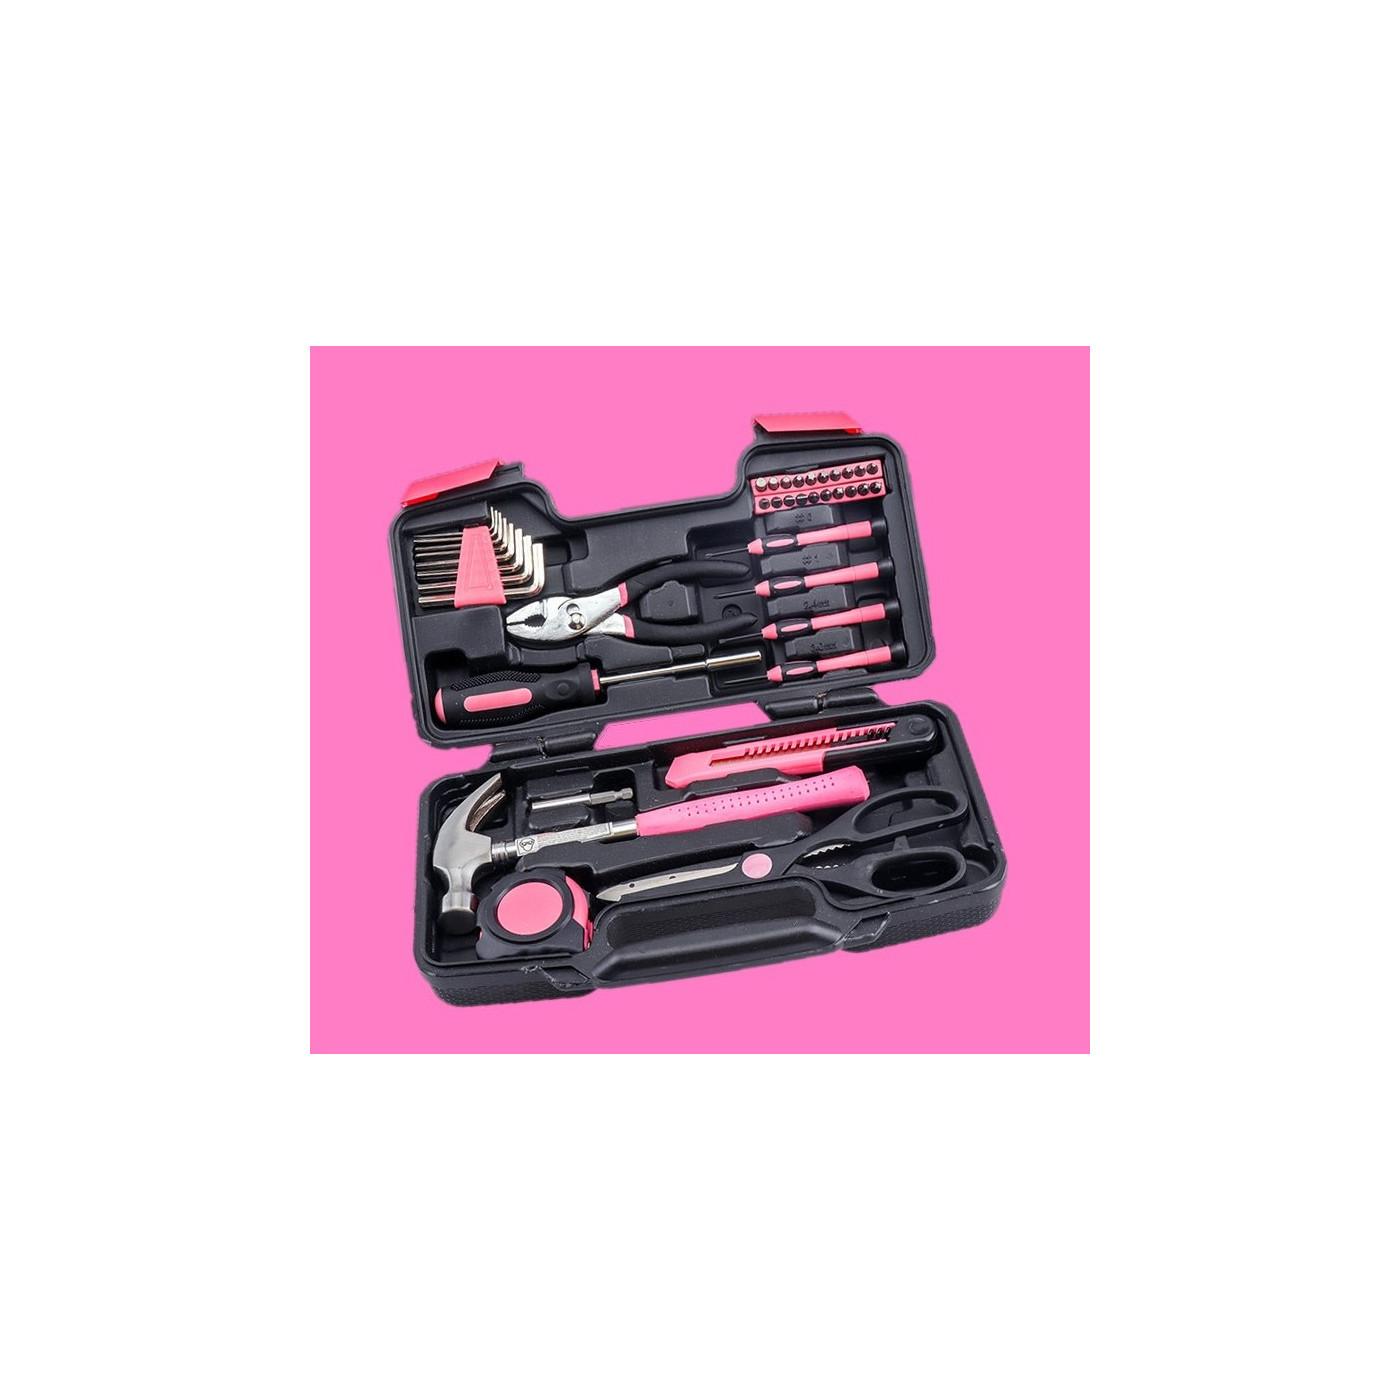 Kado voor vrouwen: set gereedschap voor dames  - 1